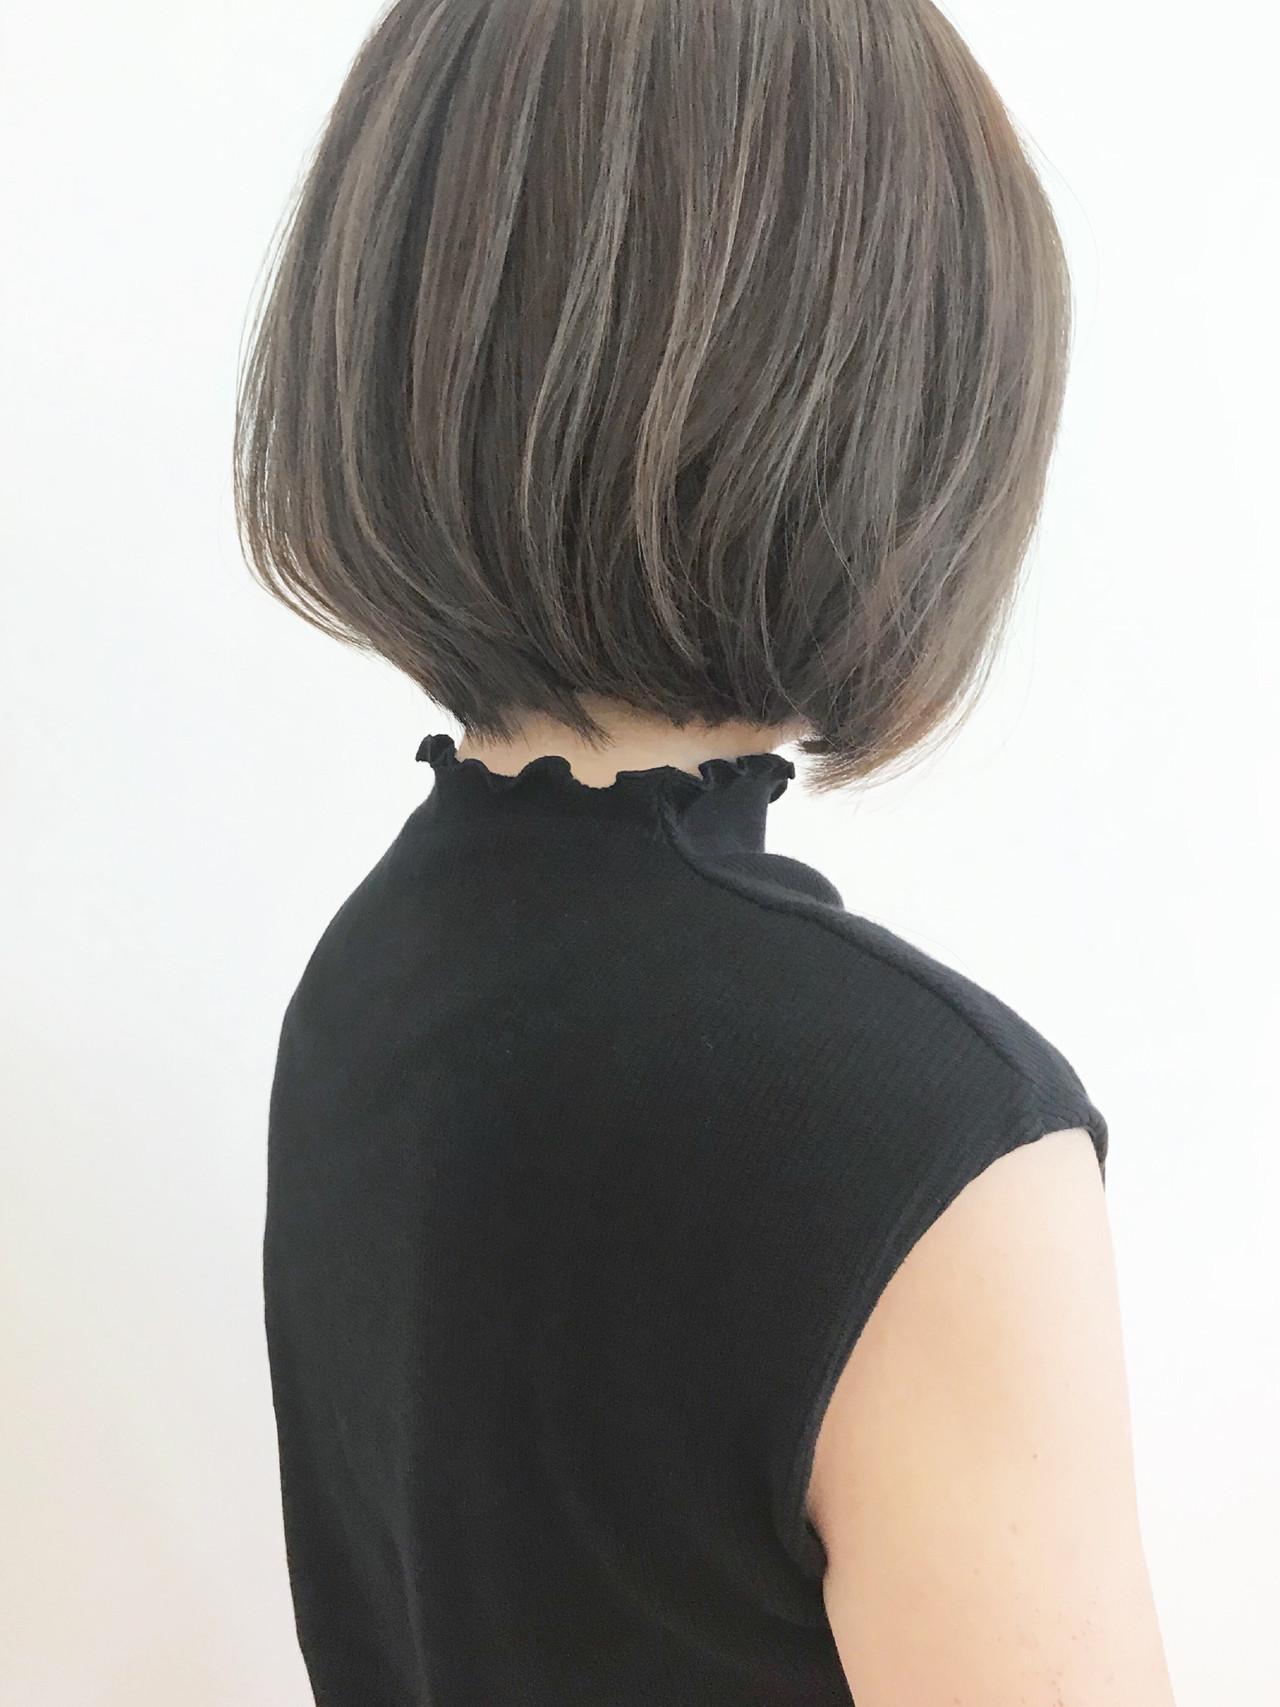 ショートボブ ボブ ミニボブ ショートヘア ヘアスタイルや髪型の写真・画像